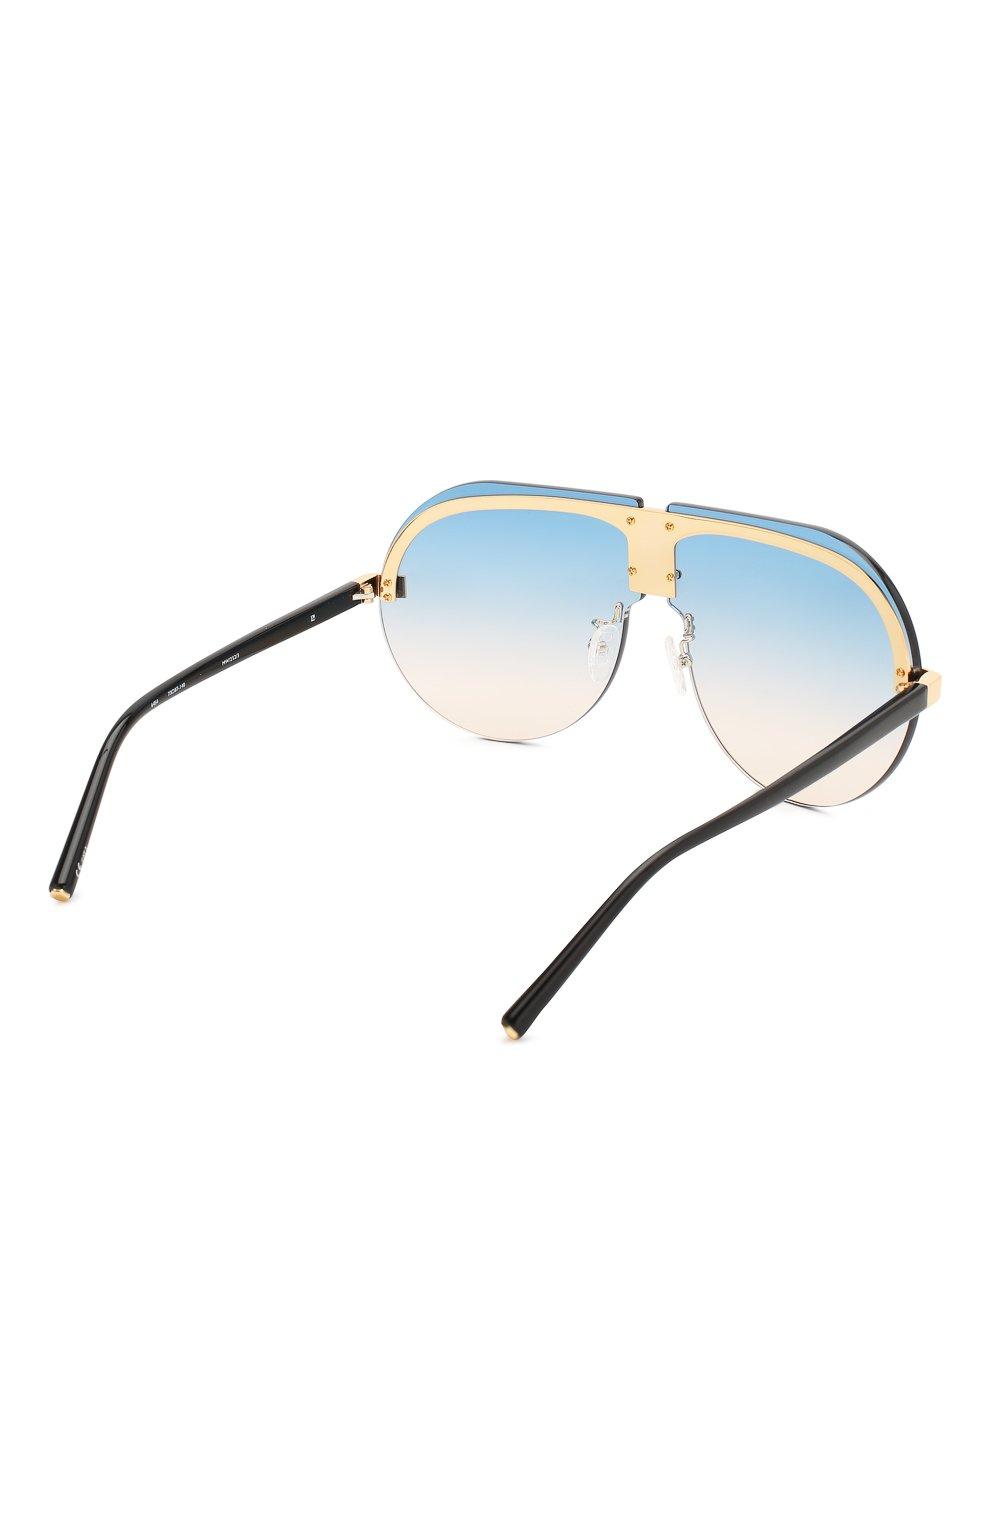 Женские солнцезащитные очки MATTHEW WILLIAMSON голубого цвета, арт. MW252C3 SUN | Фото 4